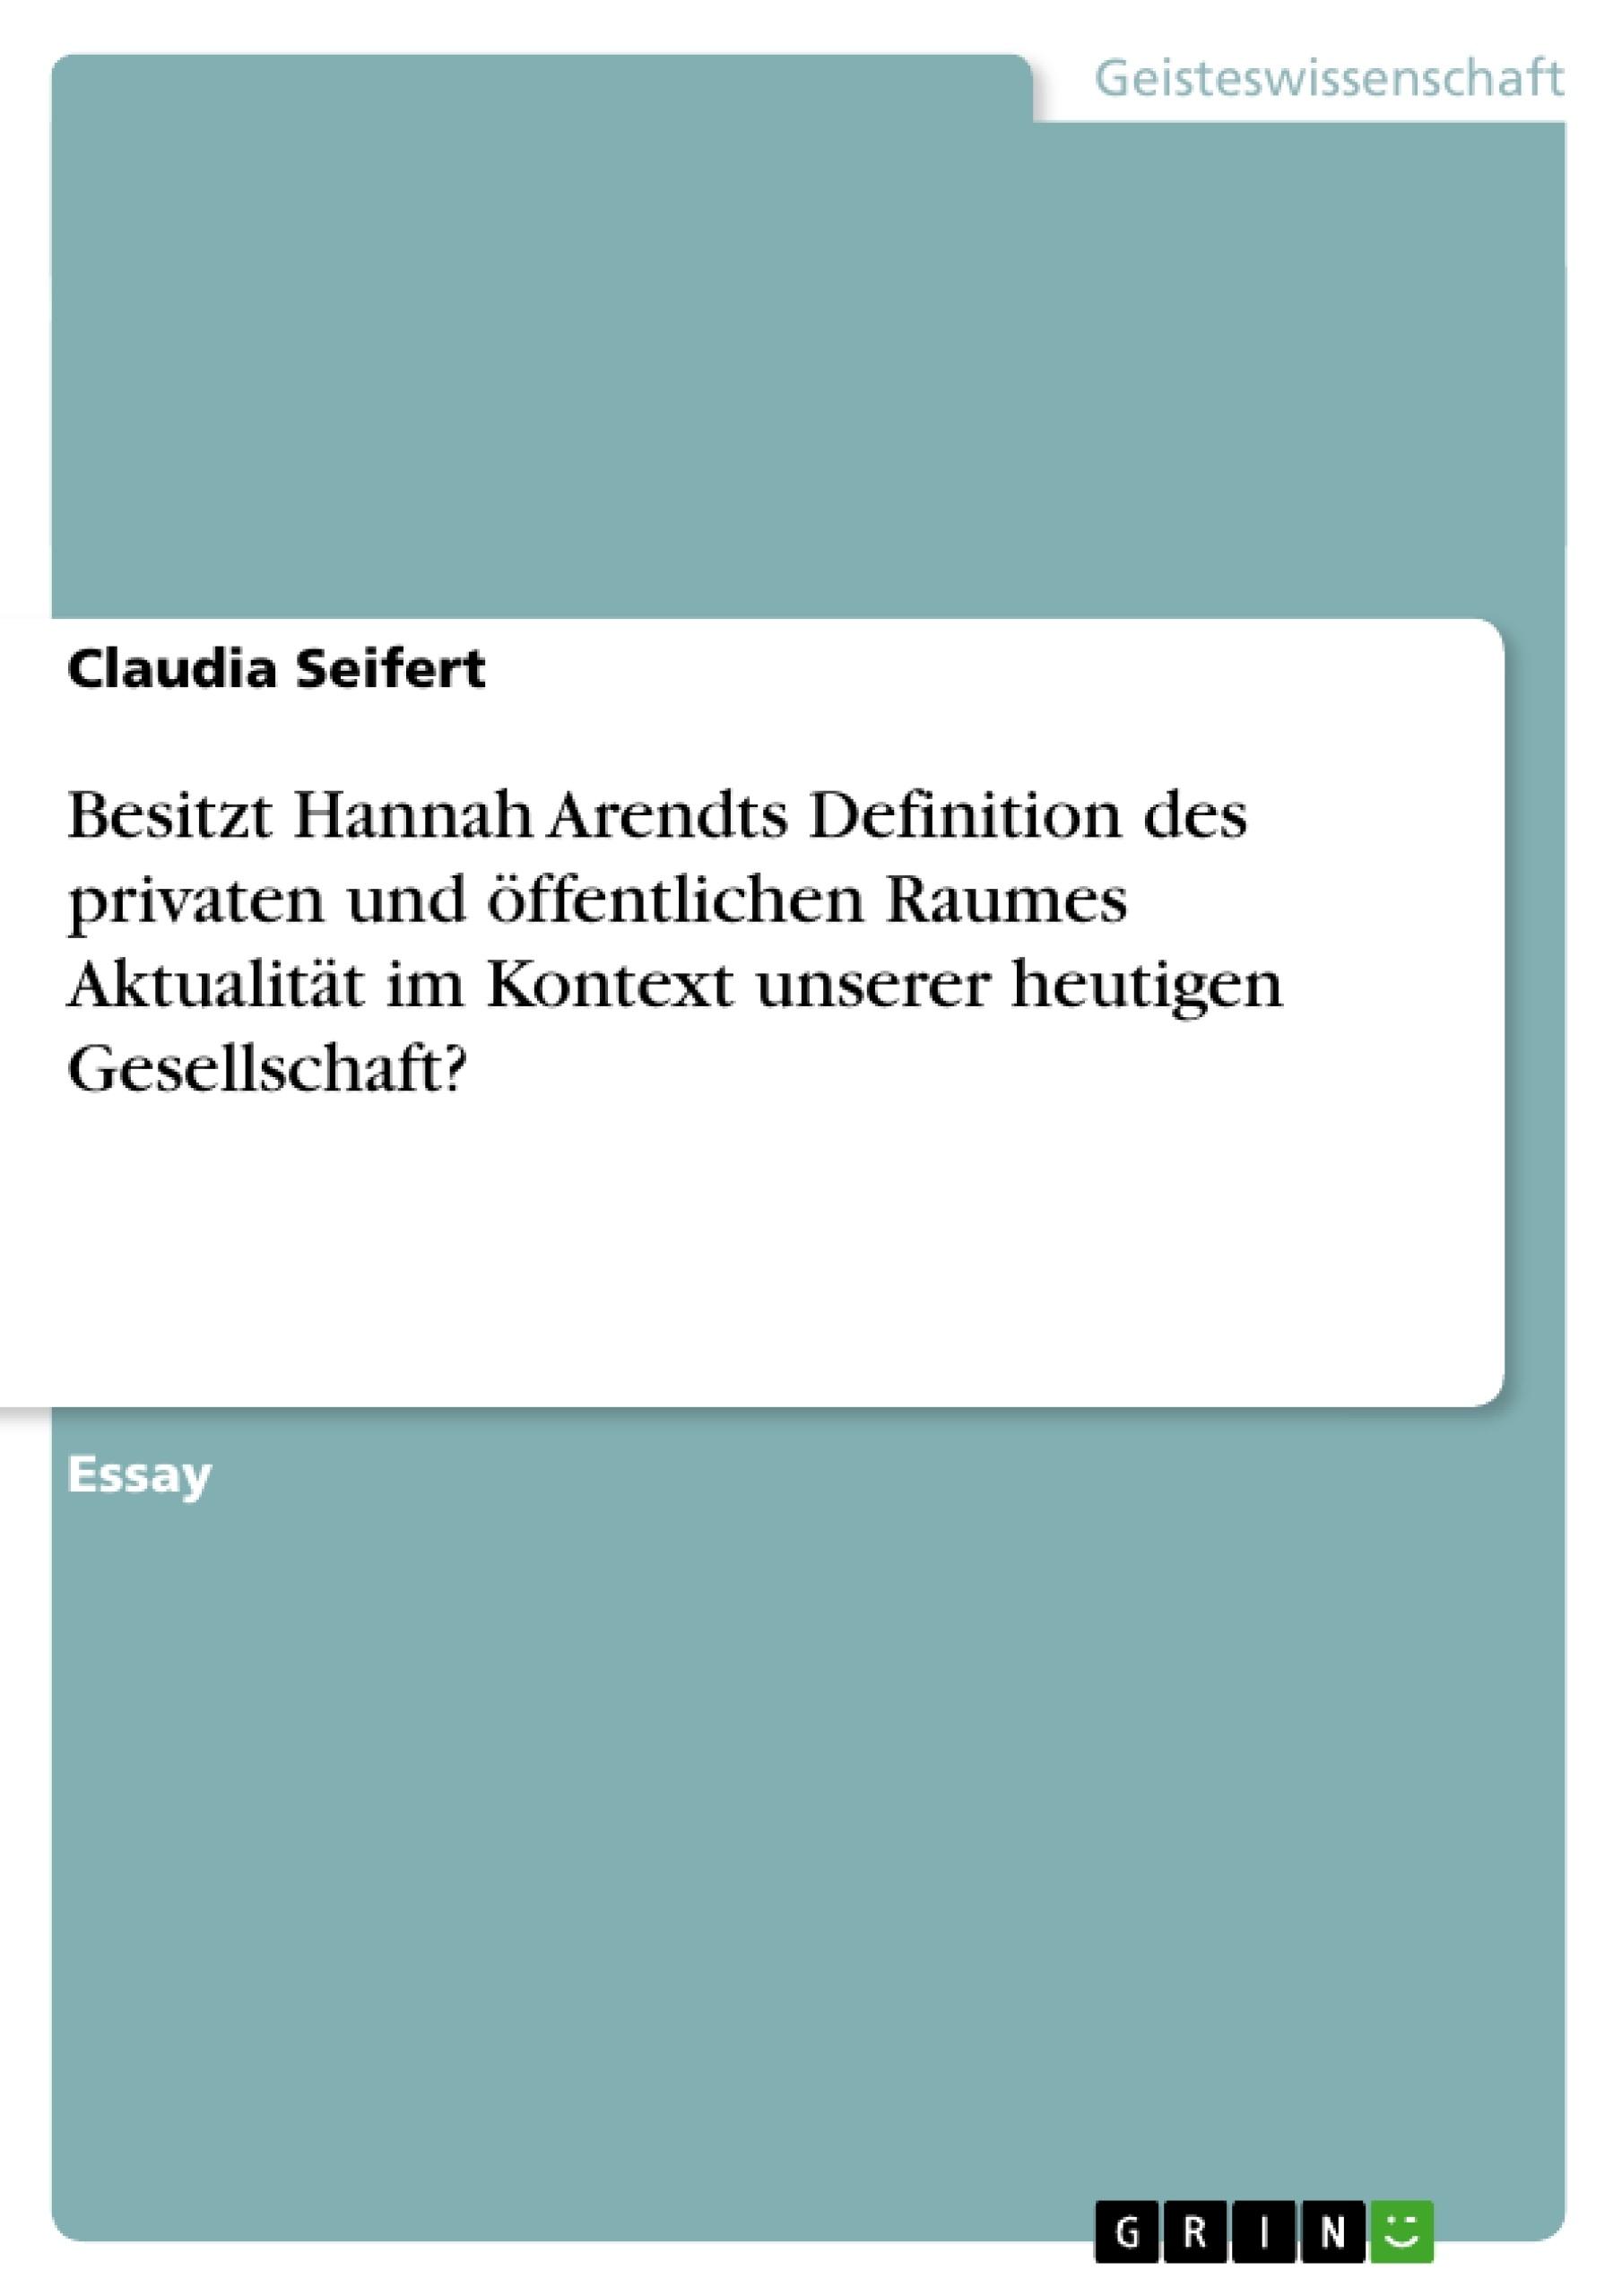 Titel: Besitzt Hannah Arendts Definition des privaten und öffentlichen Raumes Aktualität im Kontext unserer heutigen Gesellschaft?